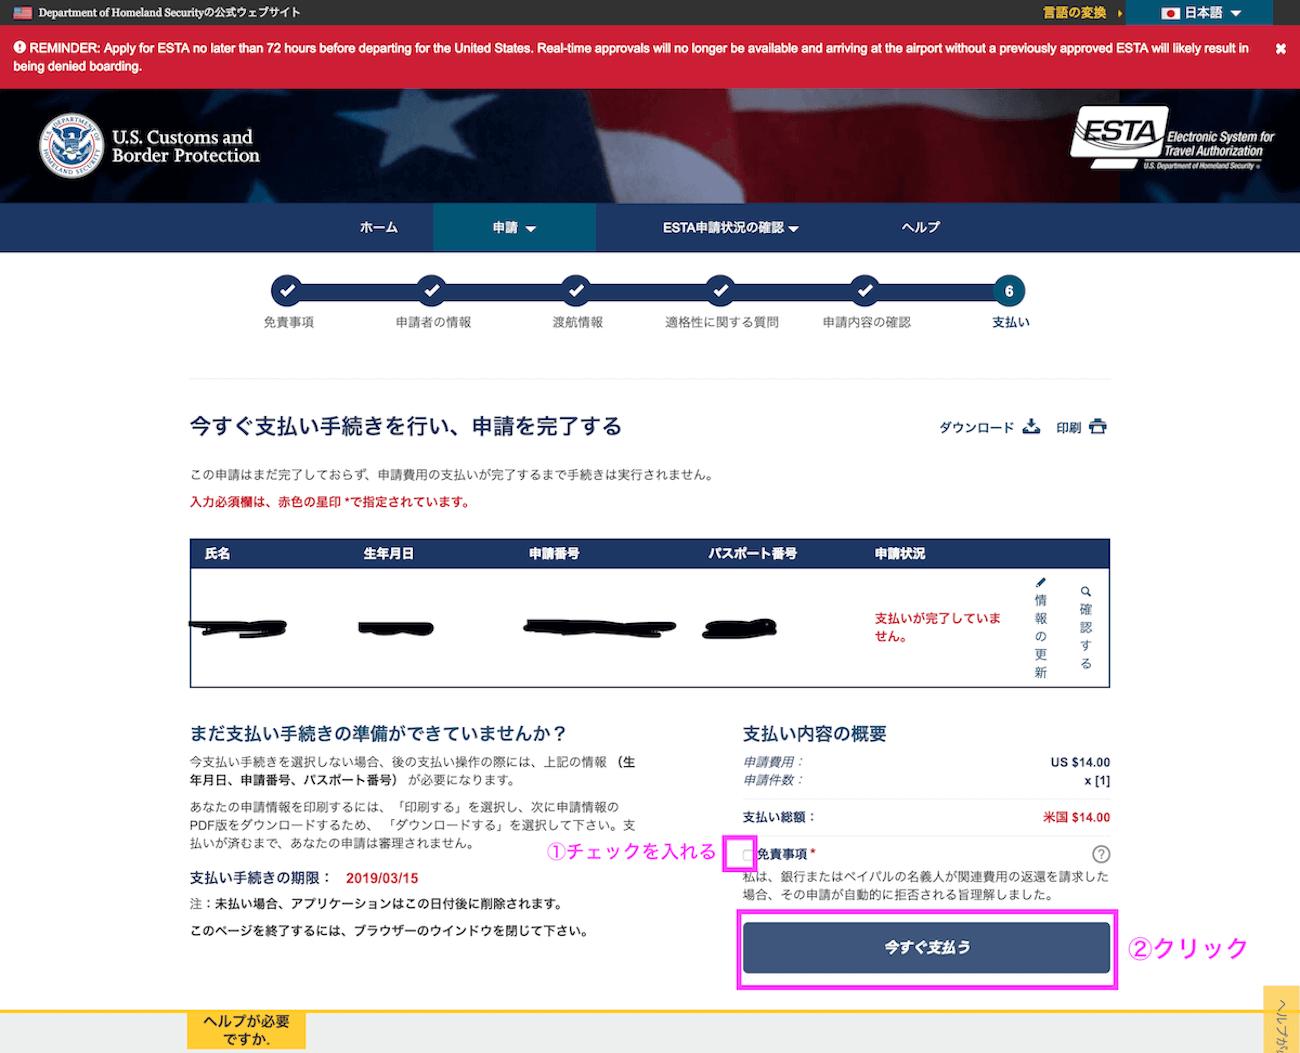 アメリカ入国のESTA(エスタ)申請方法(手順)12